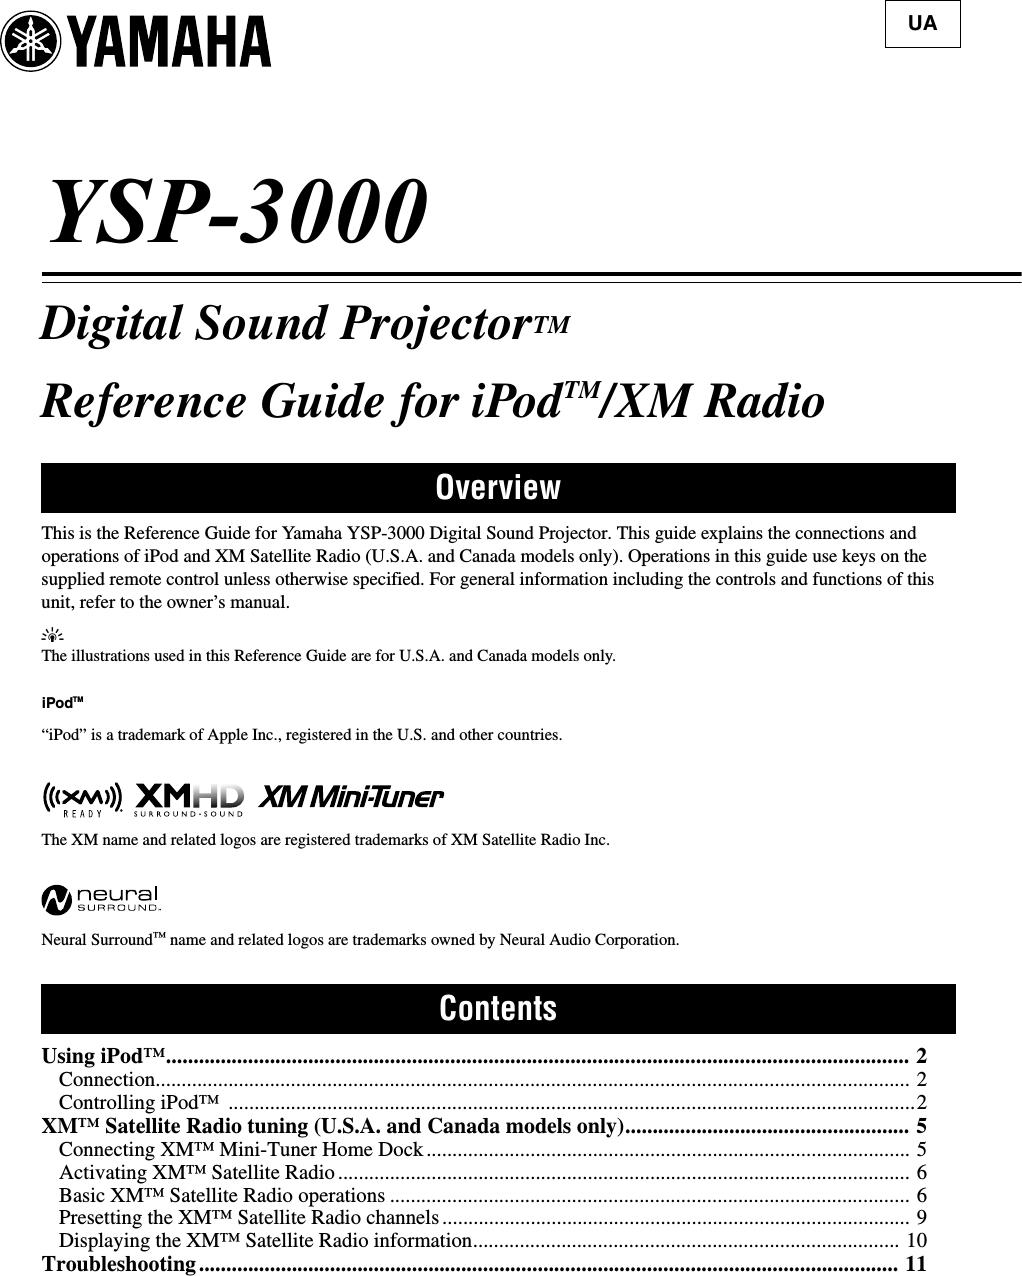 Yamaha YSP 3000 I Pod Reference Guide V 1.1 Rev1 1